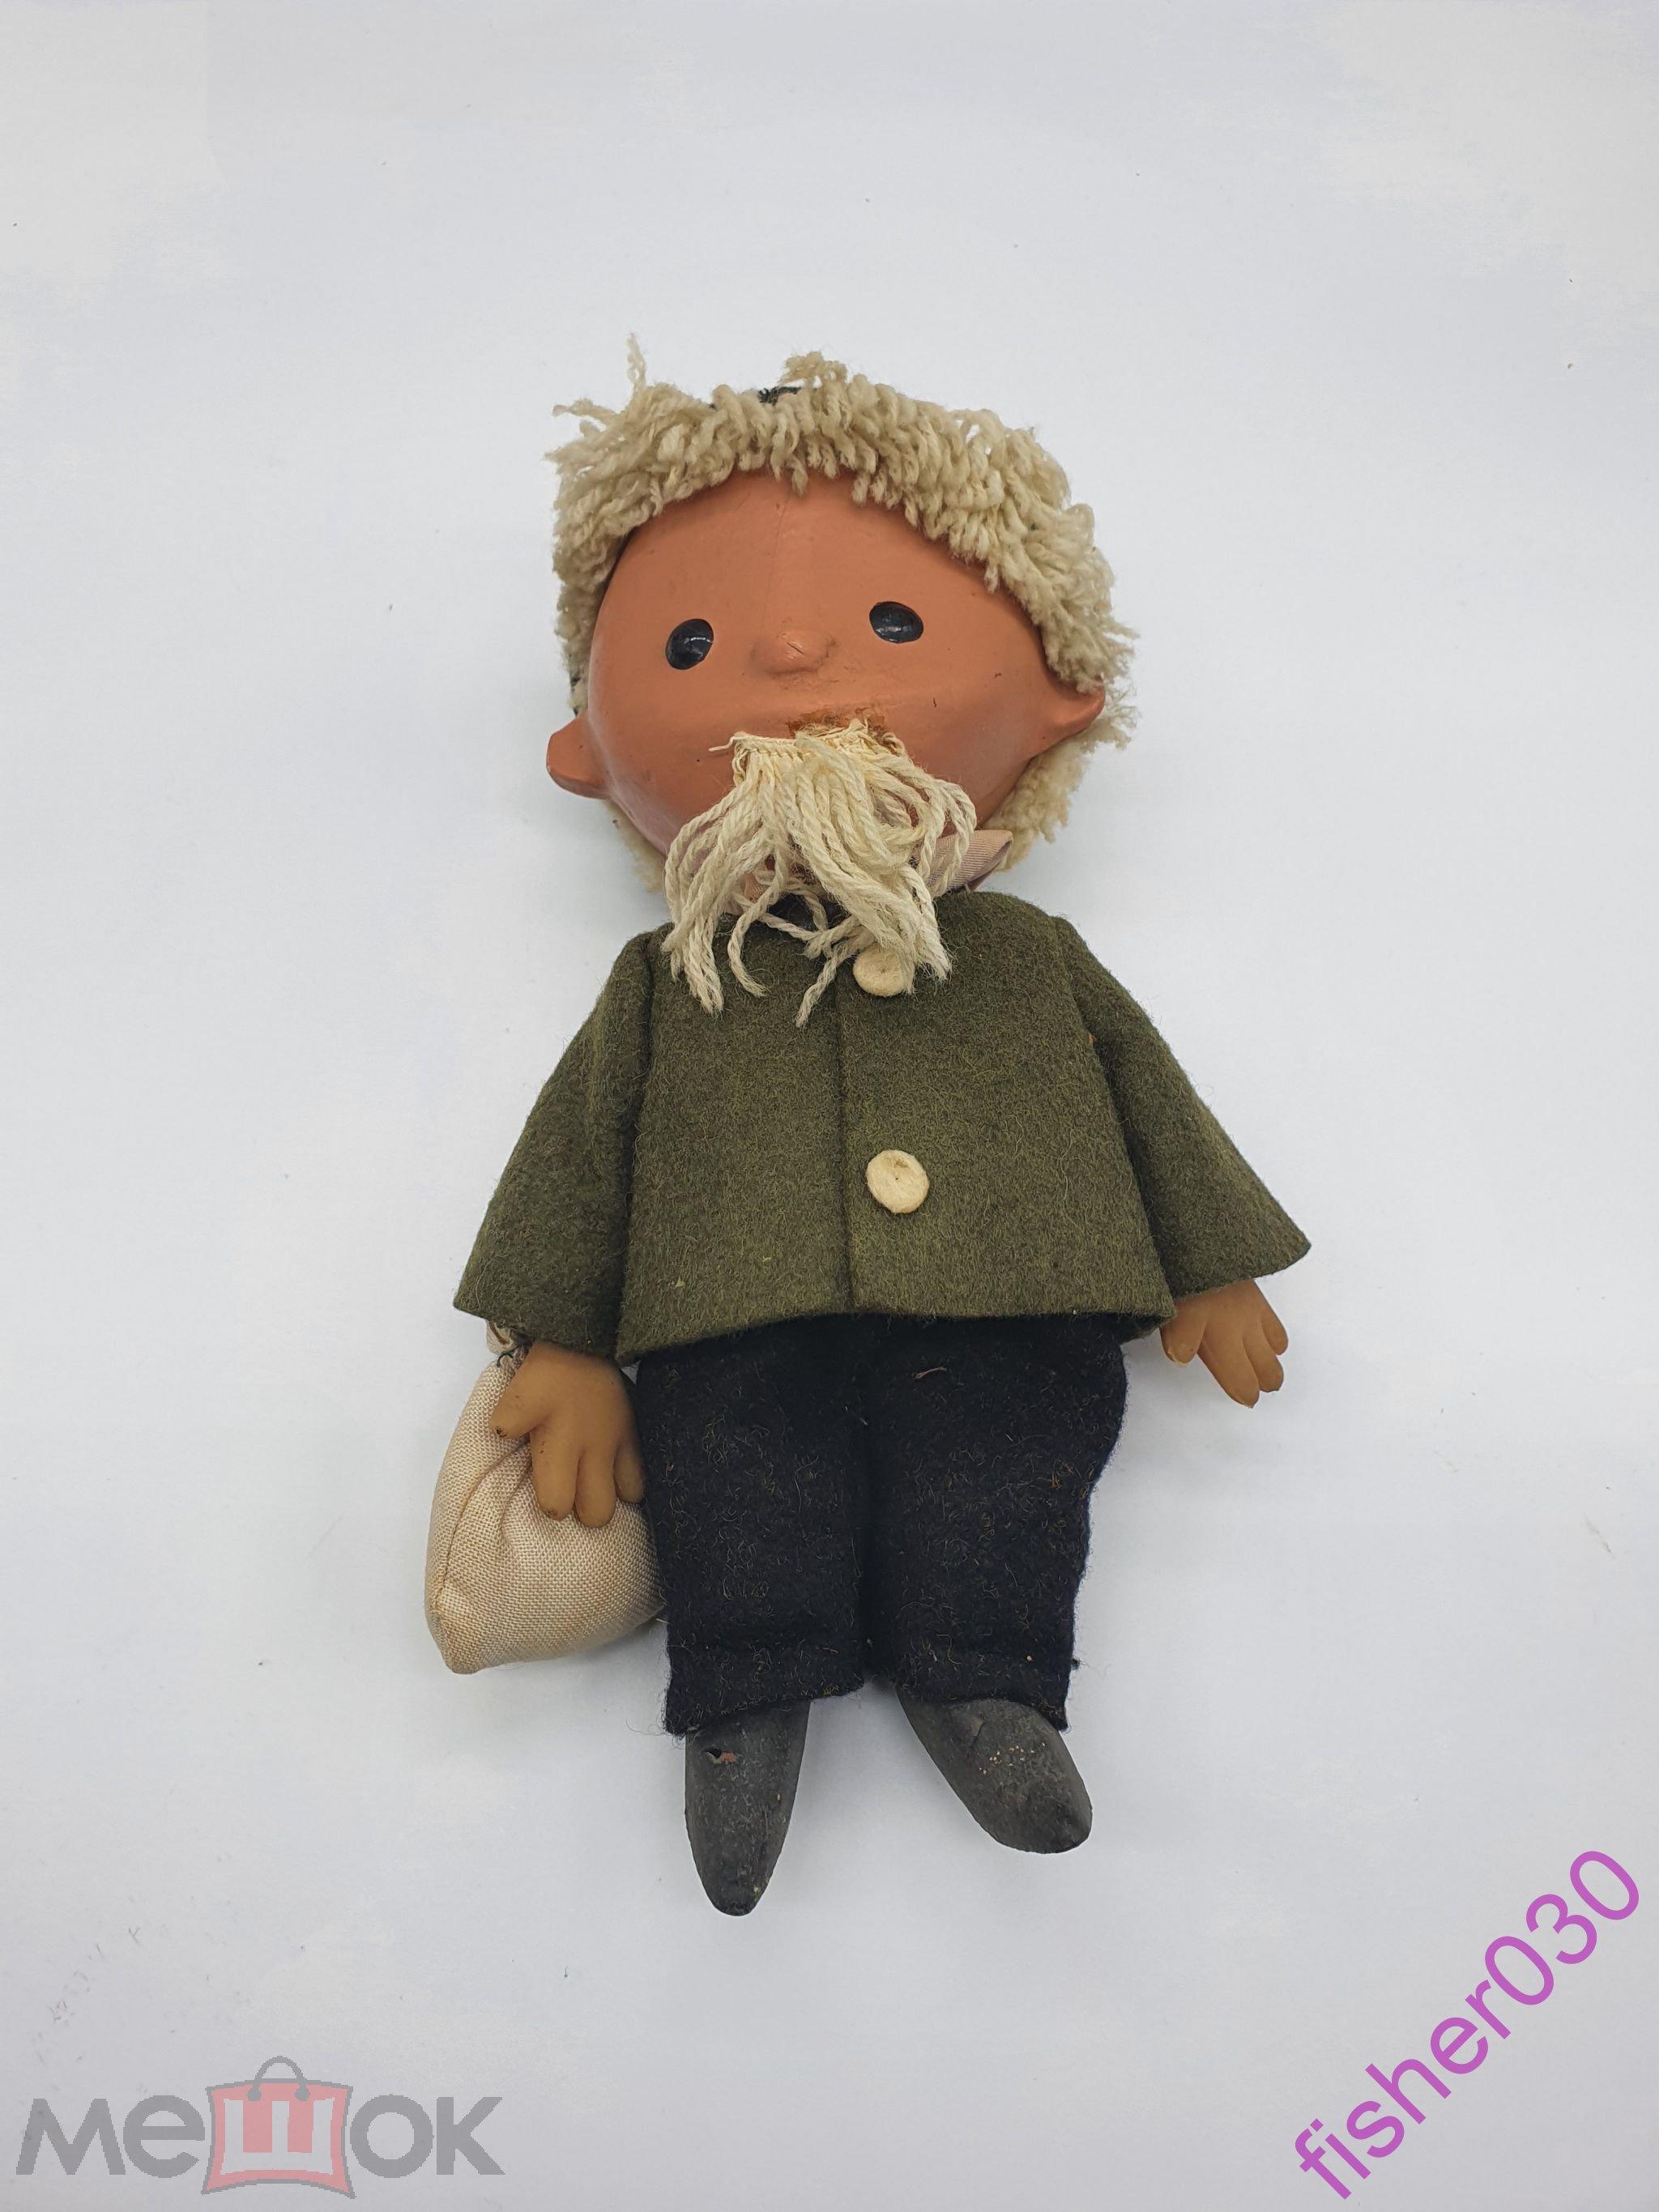 Редкая антикварная кукла Песочный человек. Дерево+ опилки.С рубля